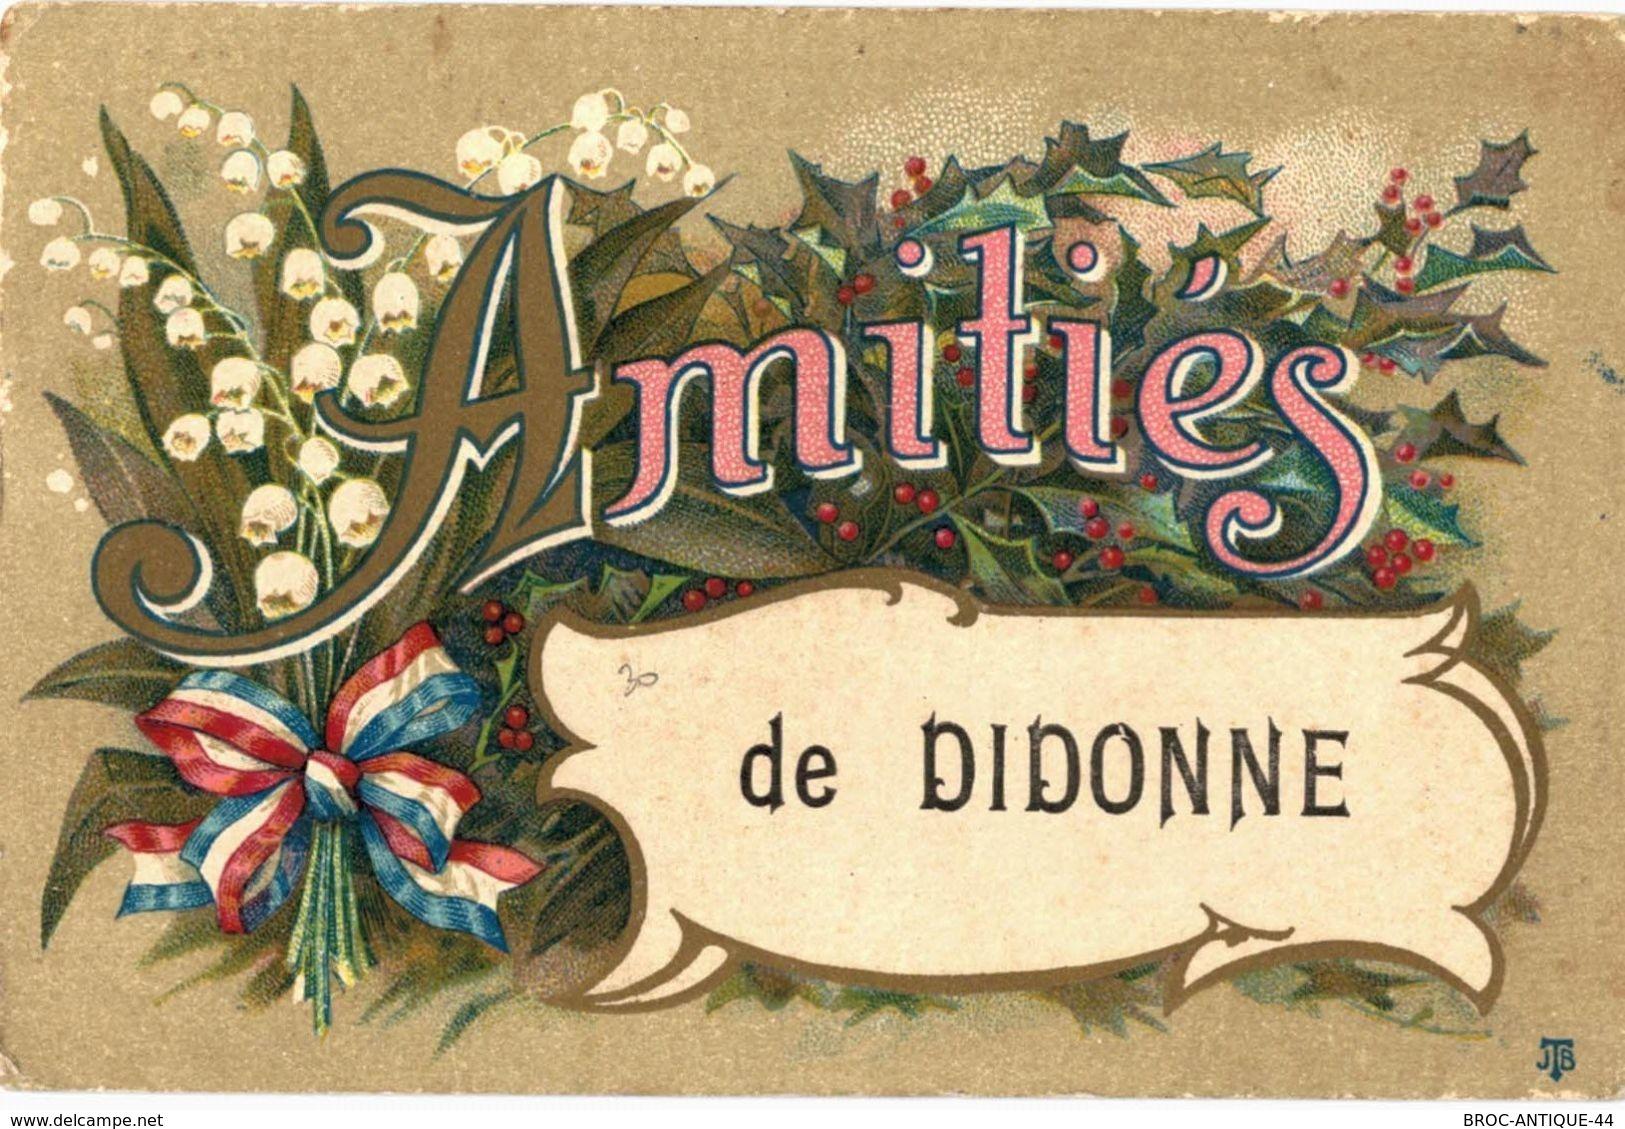 CPA N°20155 -  AMITIES DE DIDONNE - Saint-Georges-de-Didonne